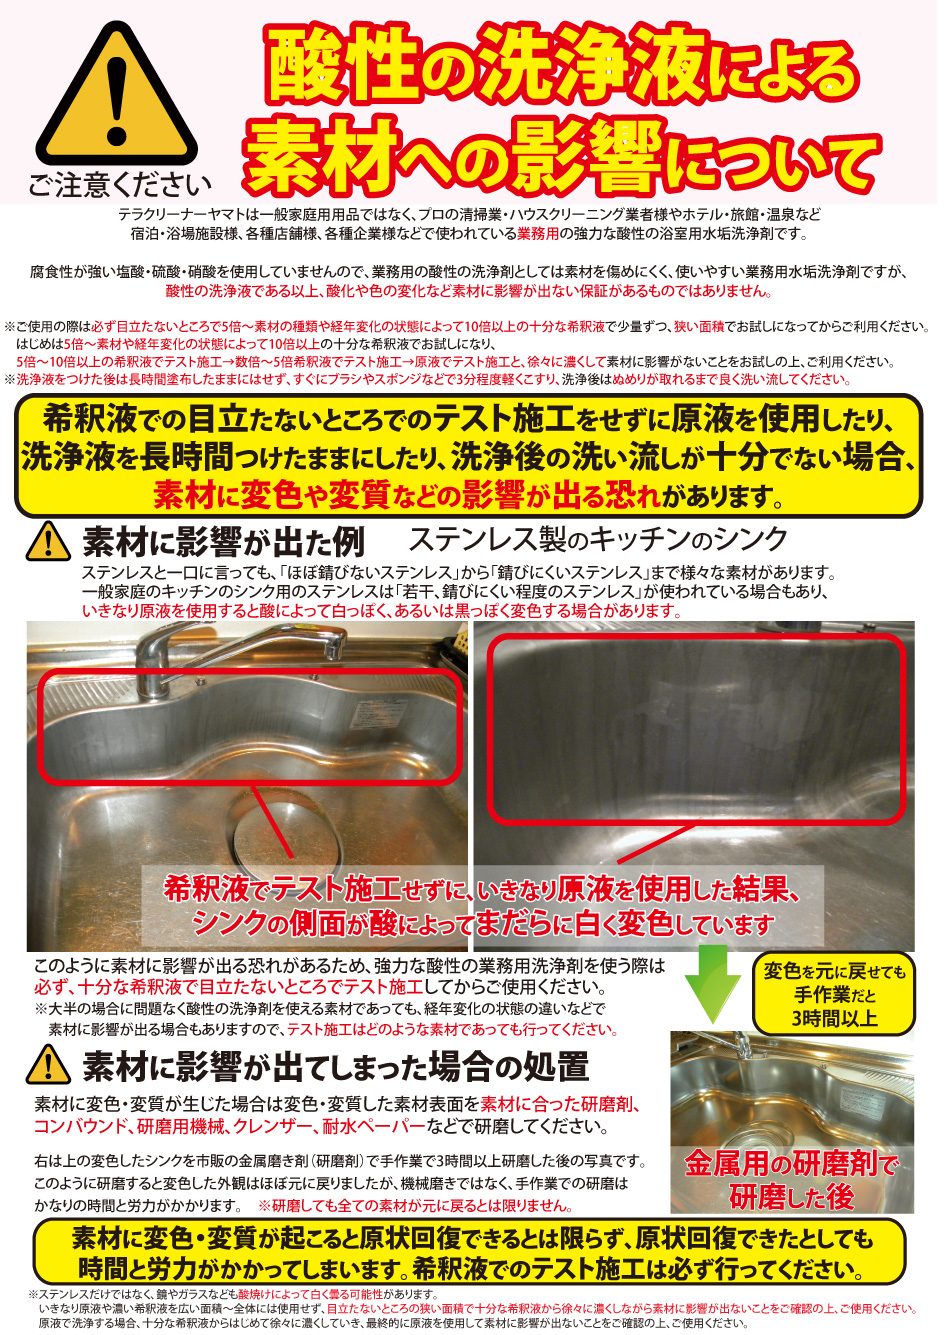 酸性の洗剤による素材への影響